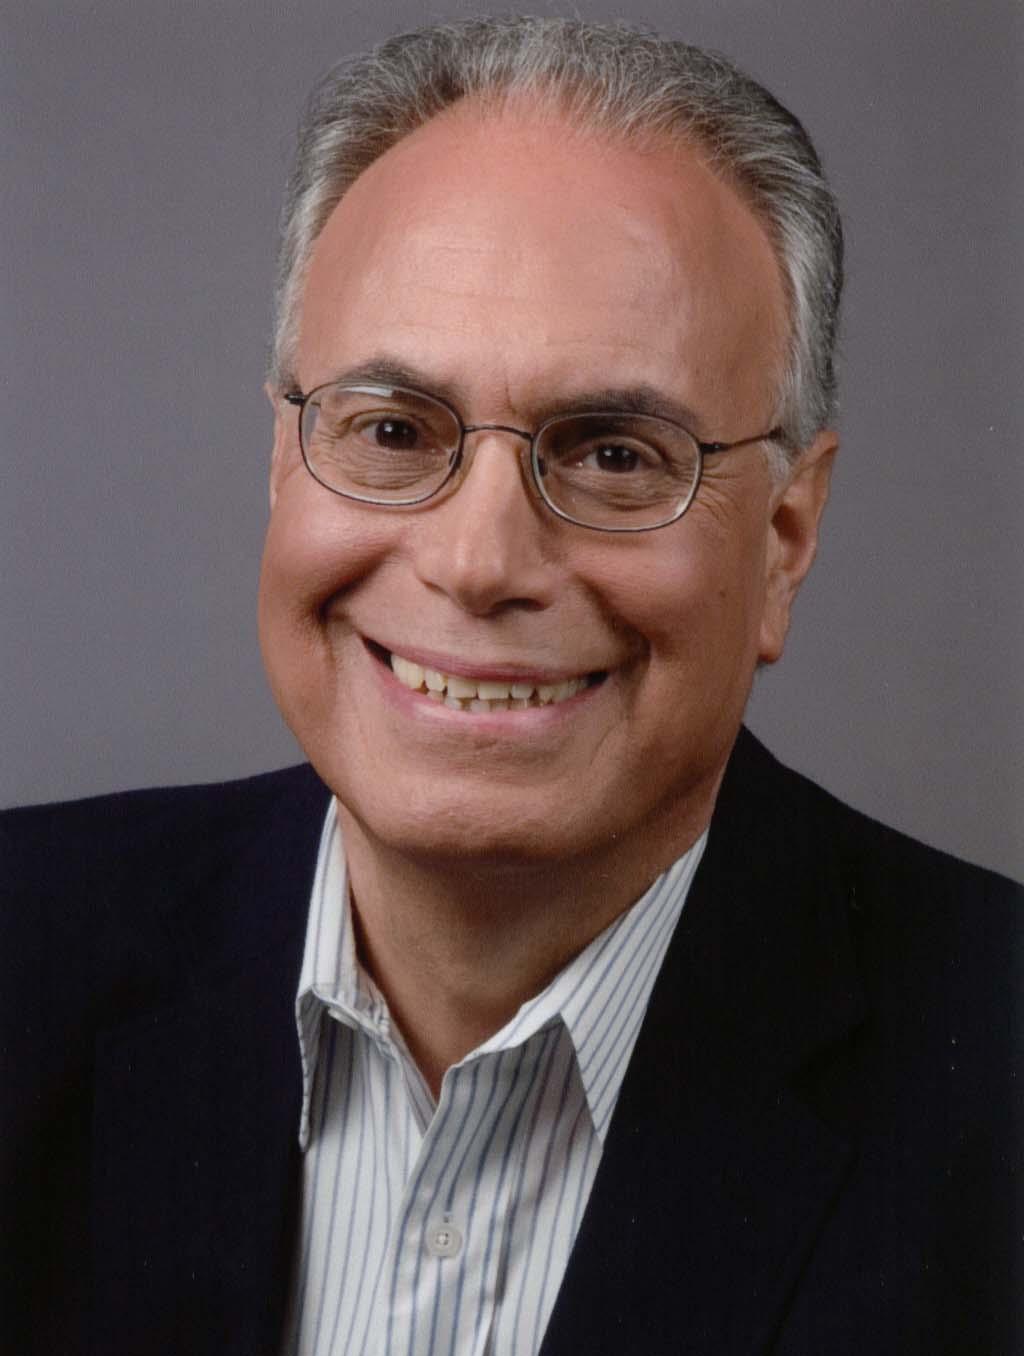 John Maiorano